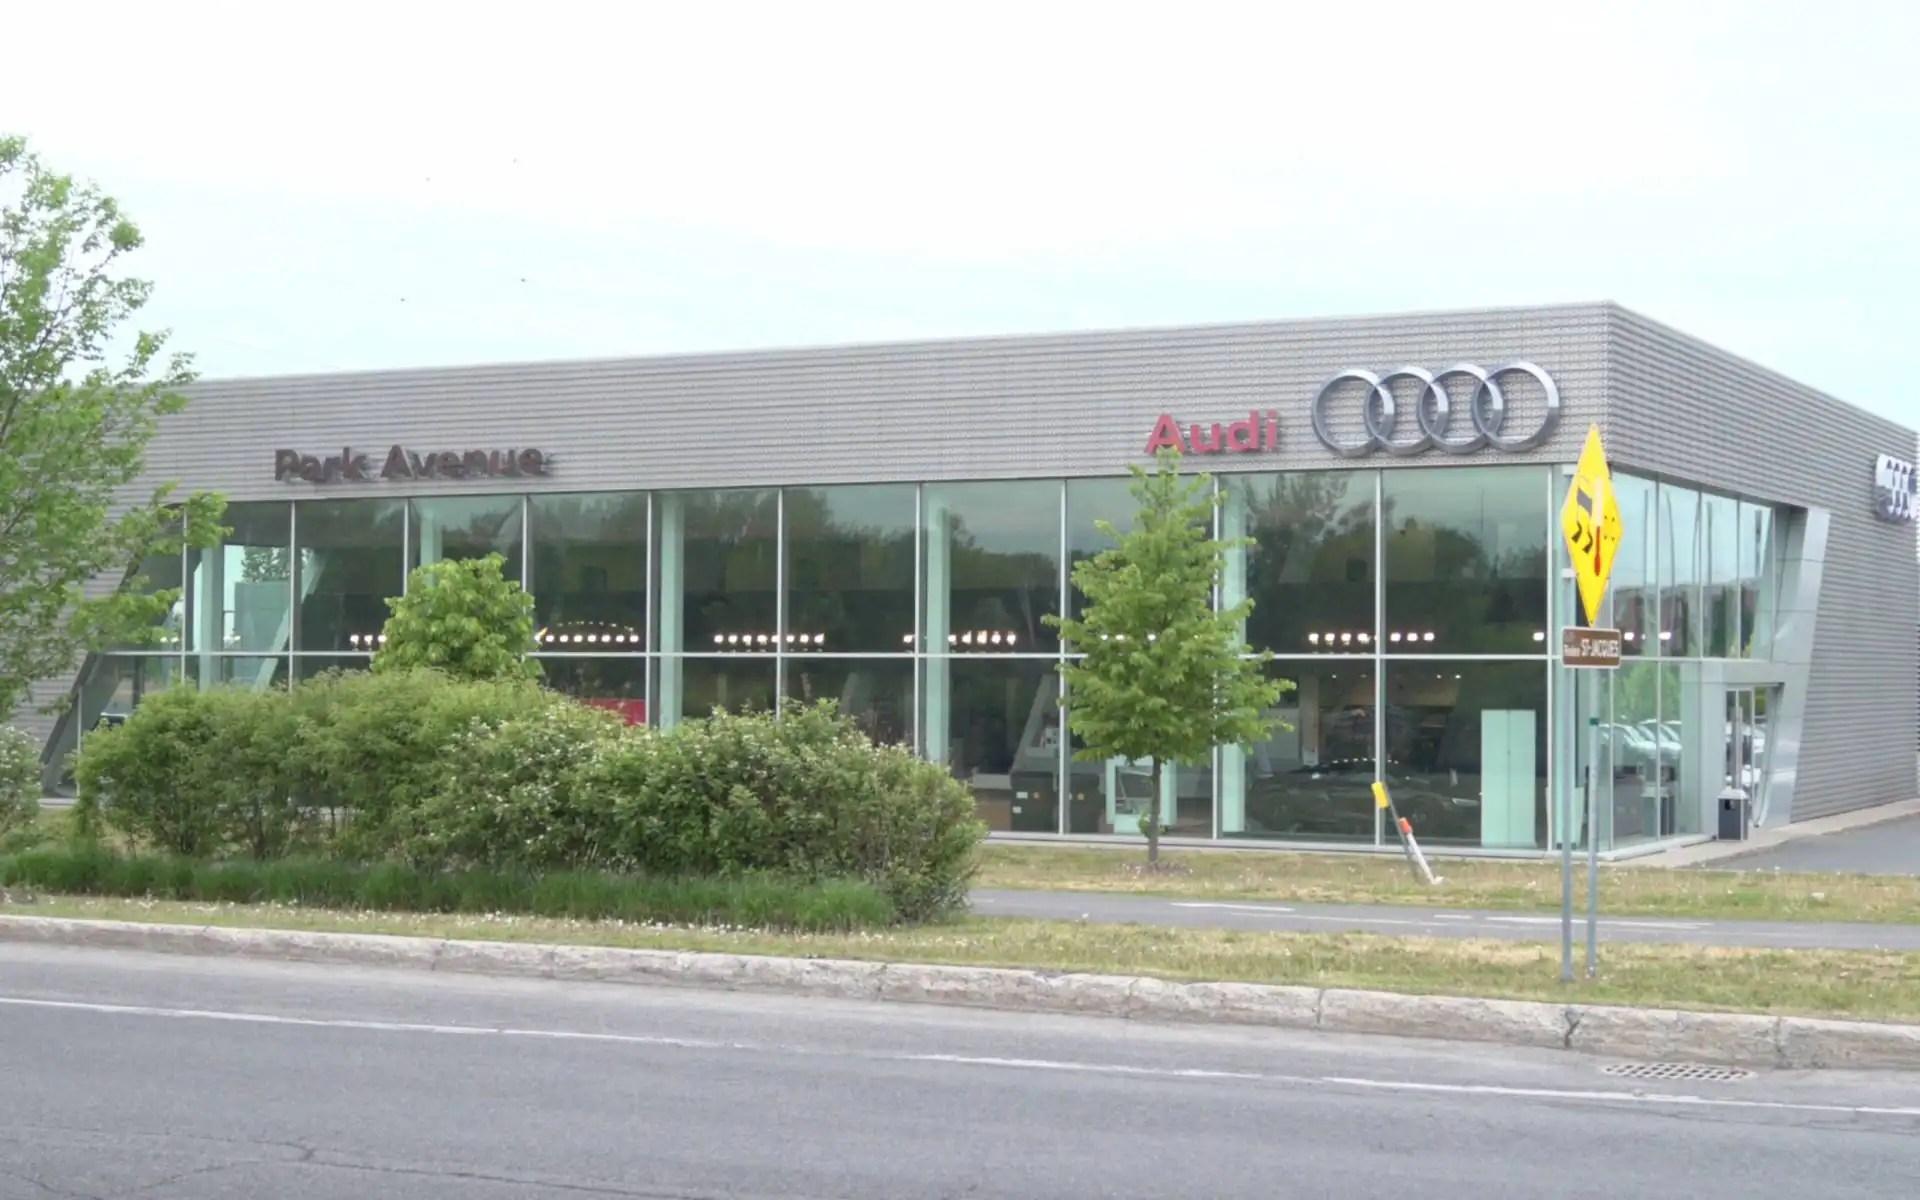 Acheter une voiture au temps de la COVID-19